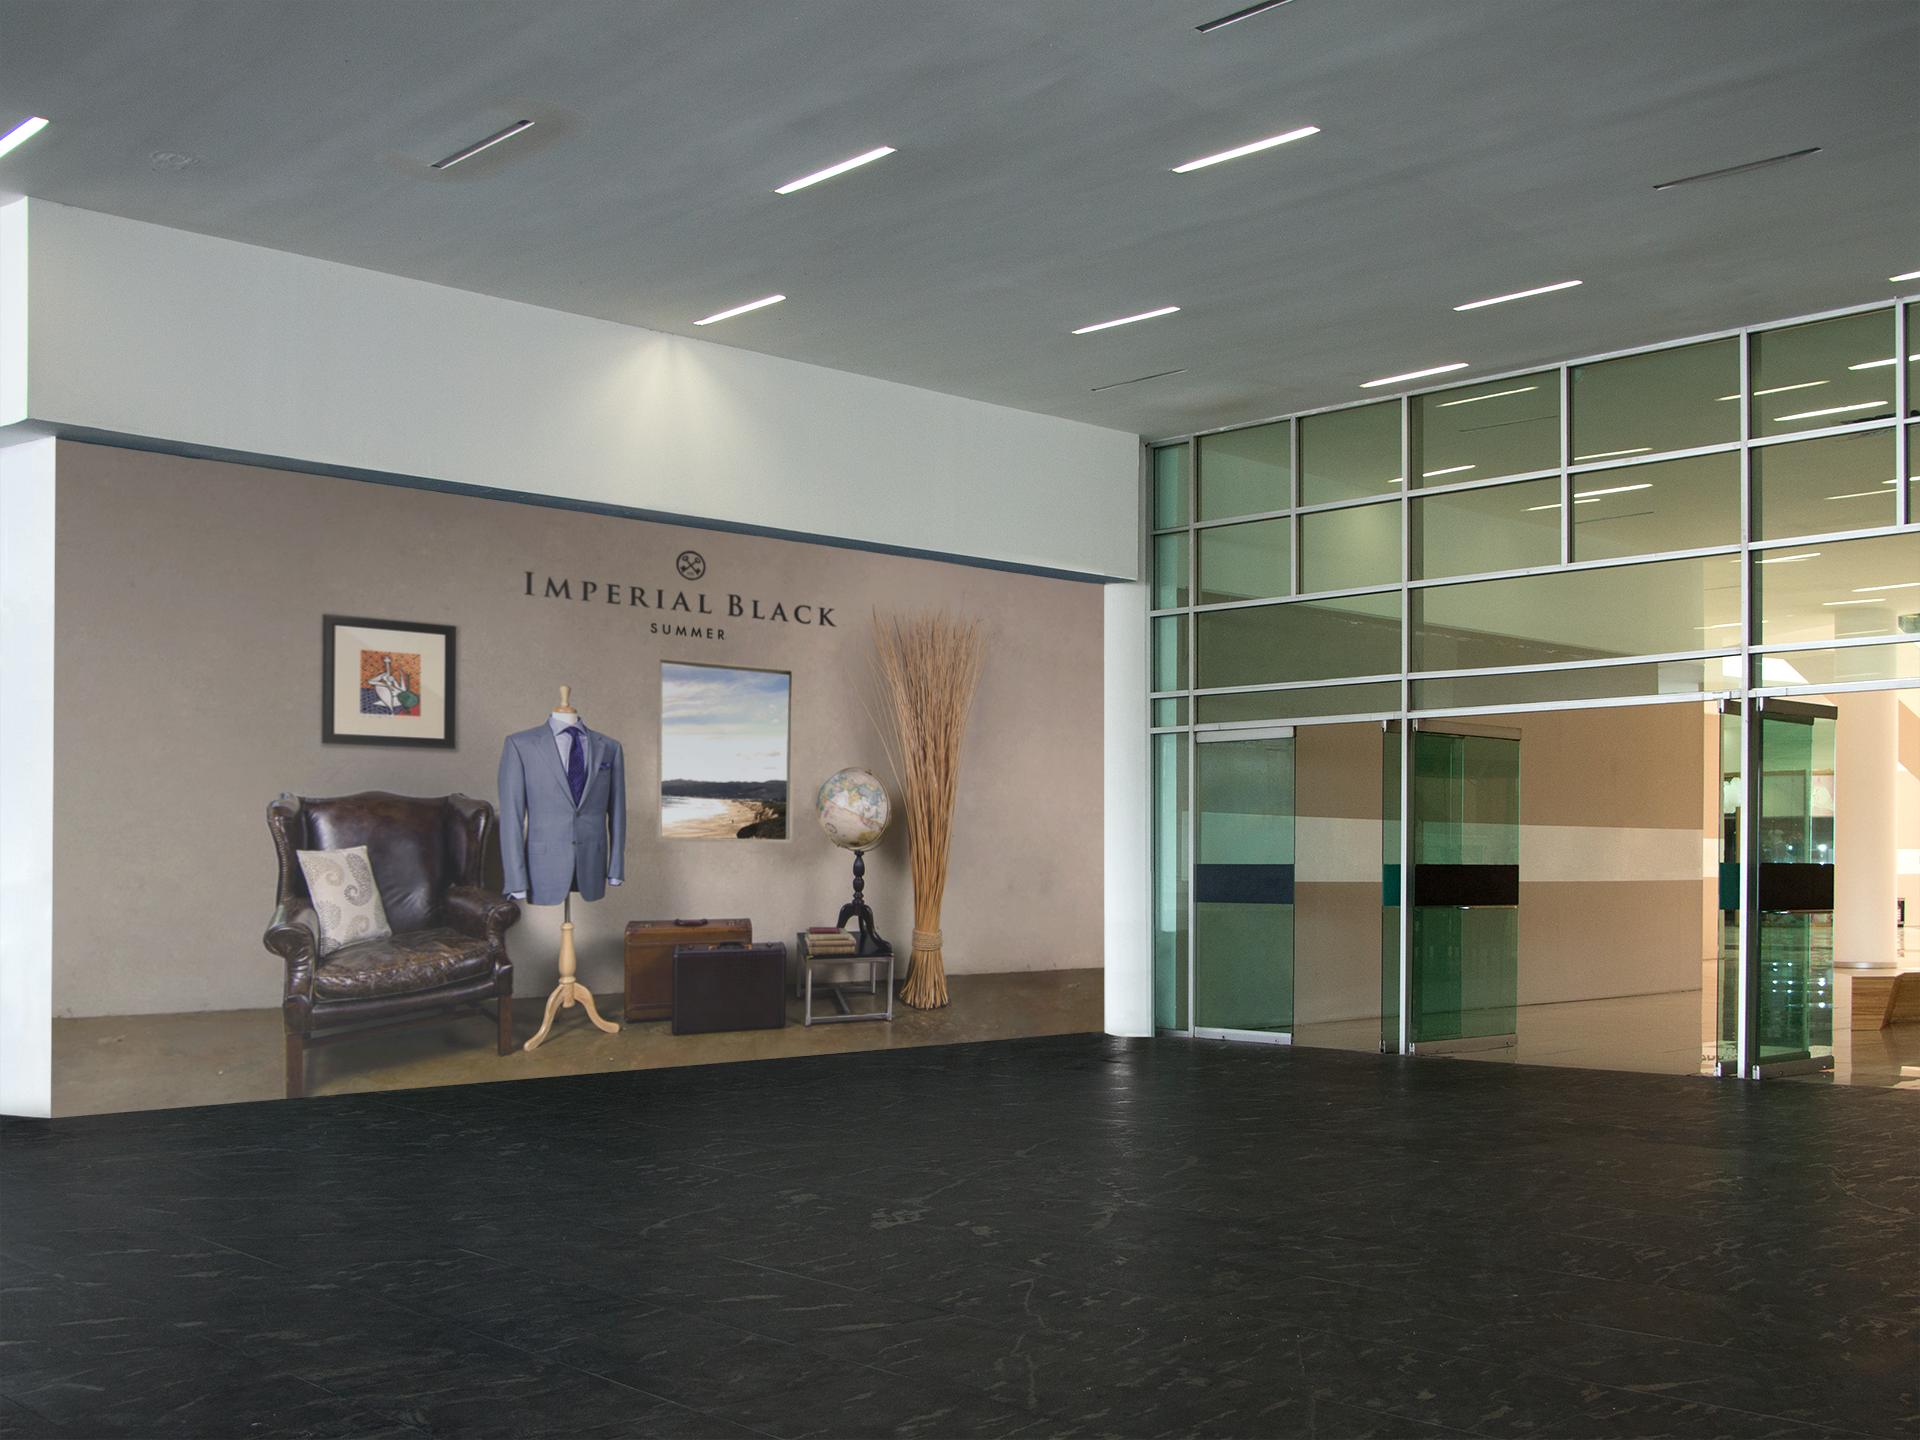 horizontal-wall-banner-mockup-at-a-mall-entrance-a11290.png